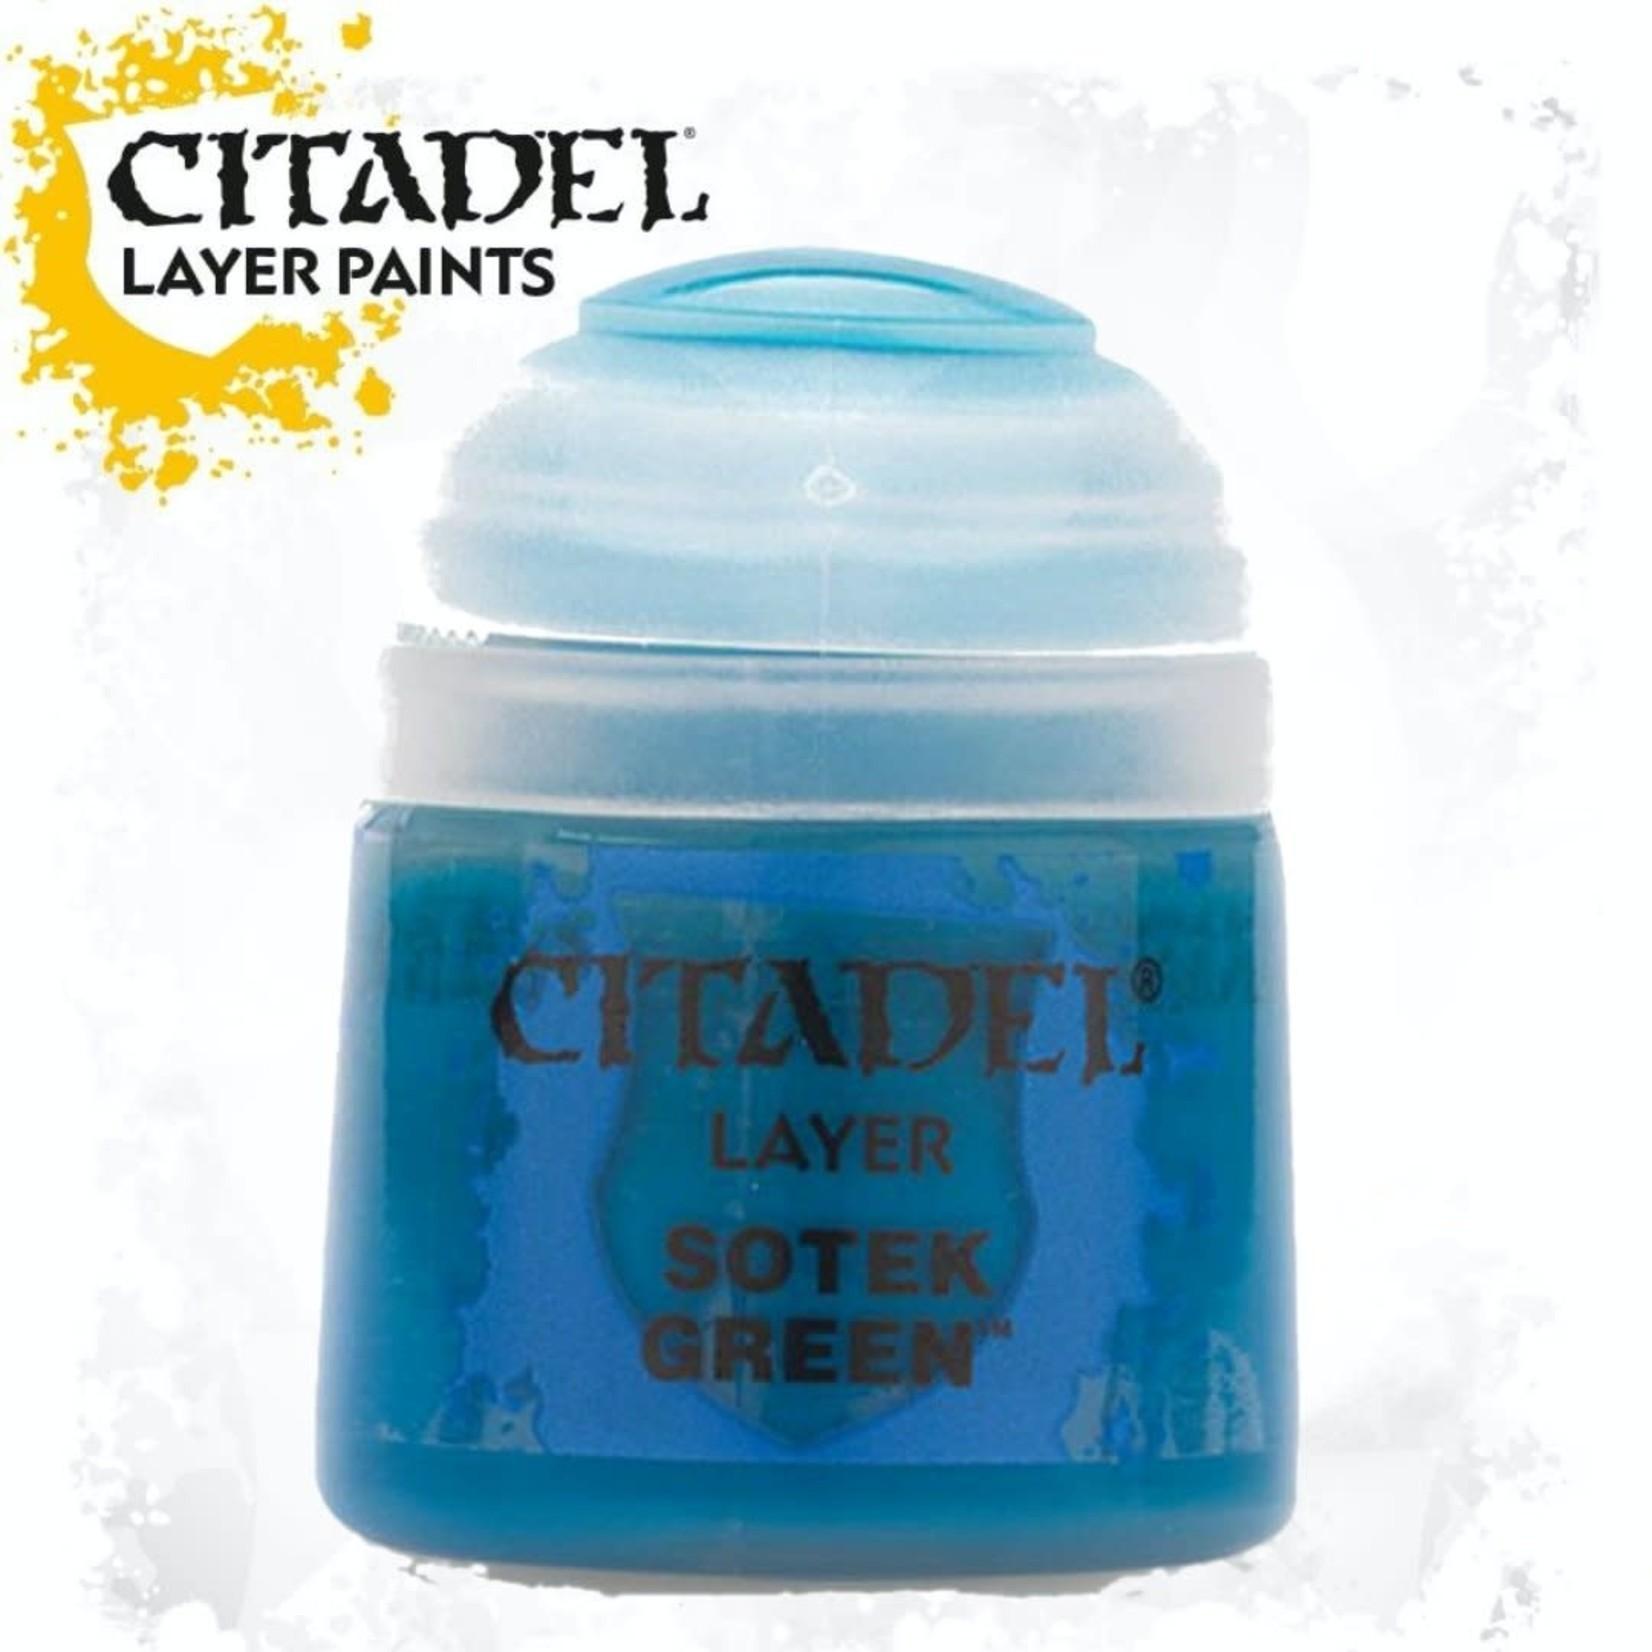 Citadel Citadel Paint - Layer: Sotek Green